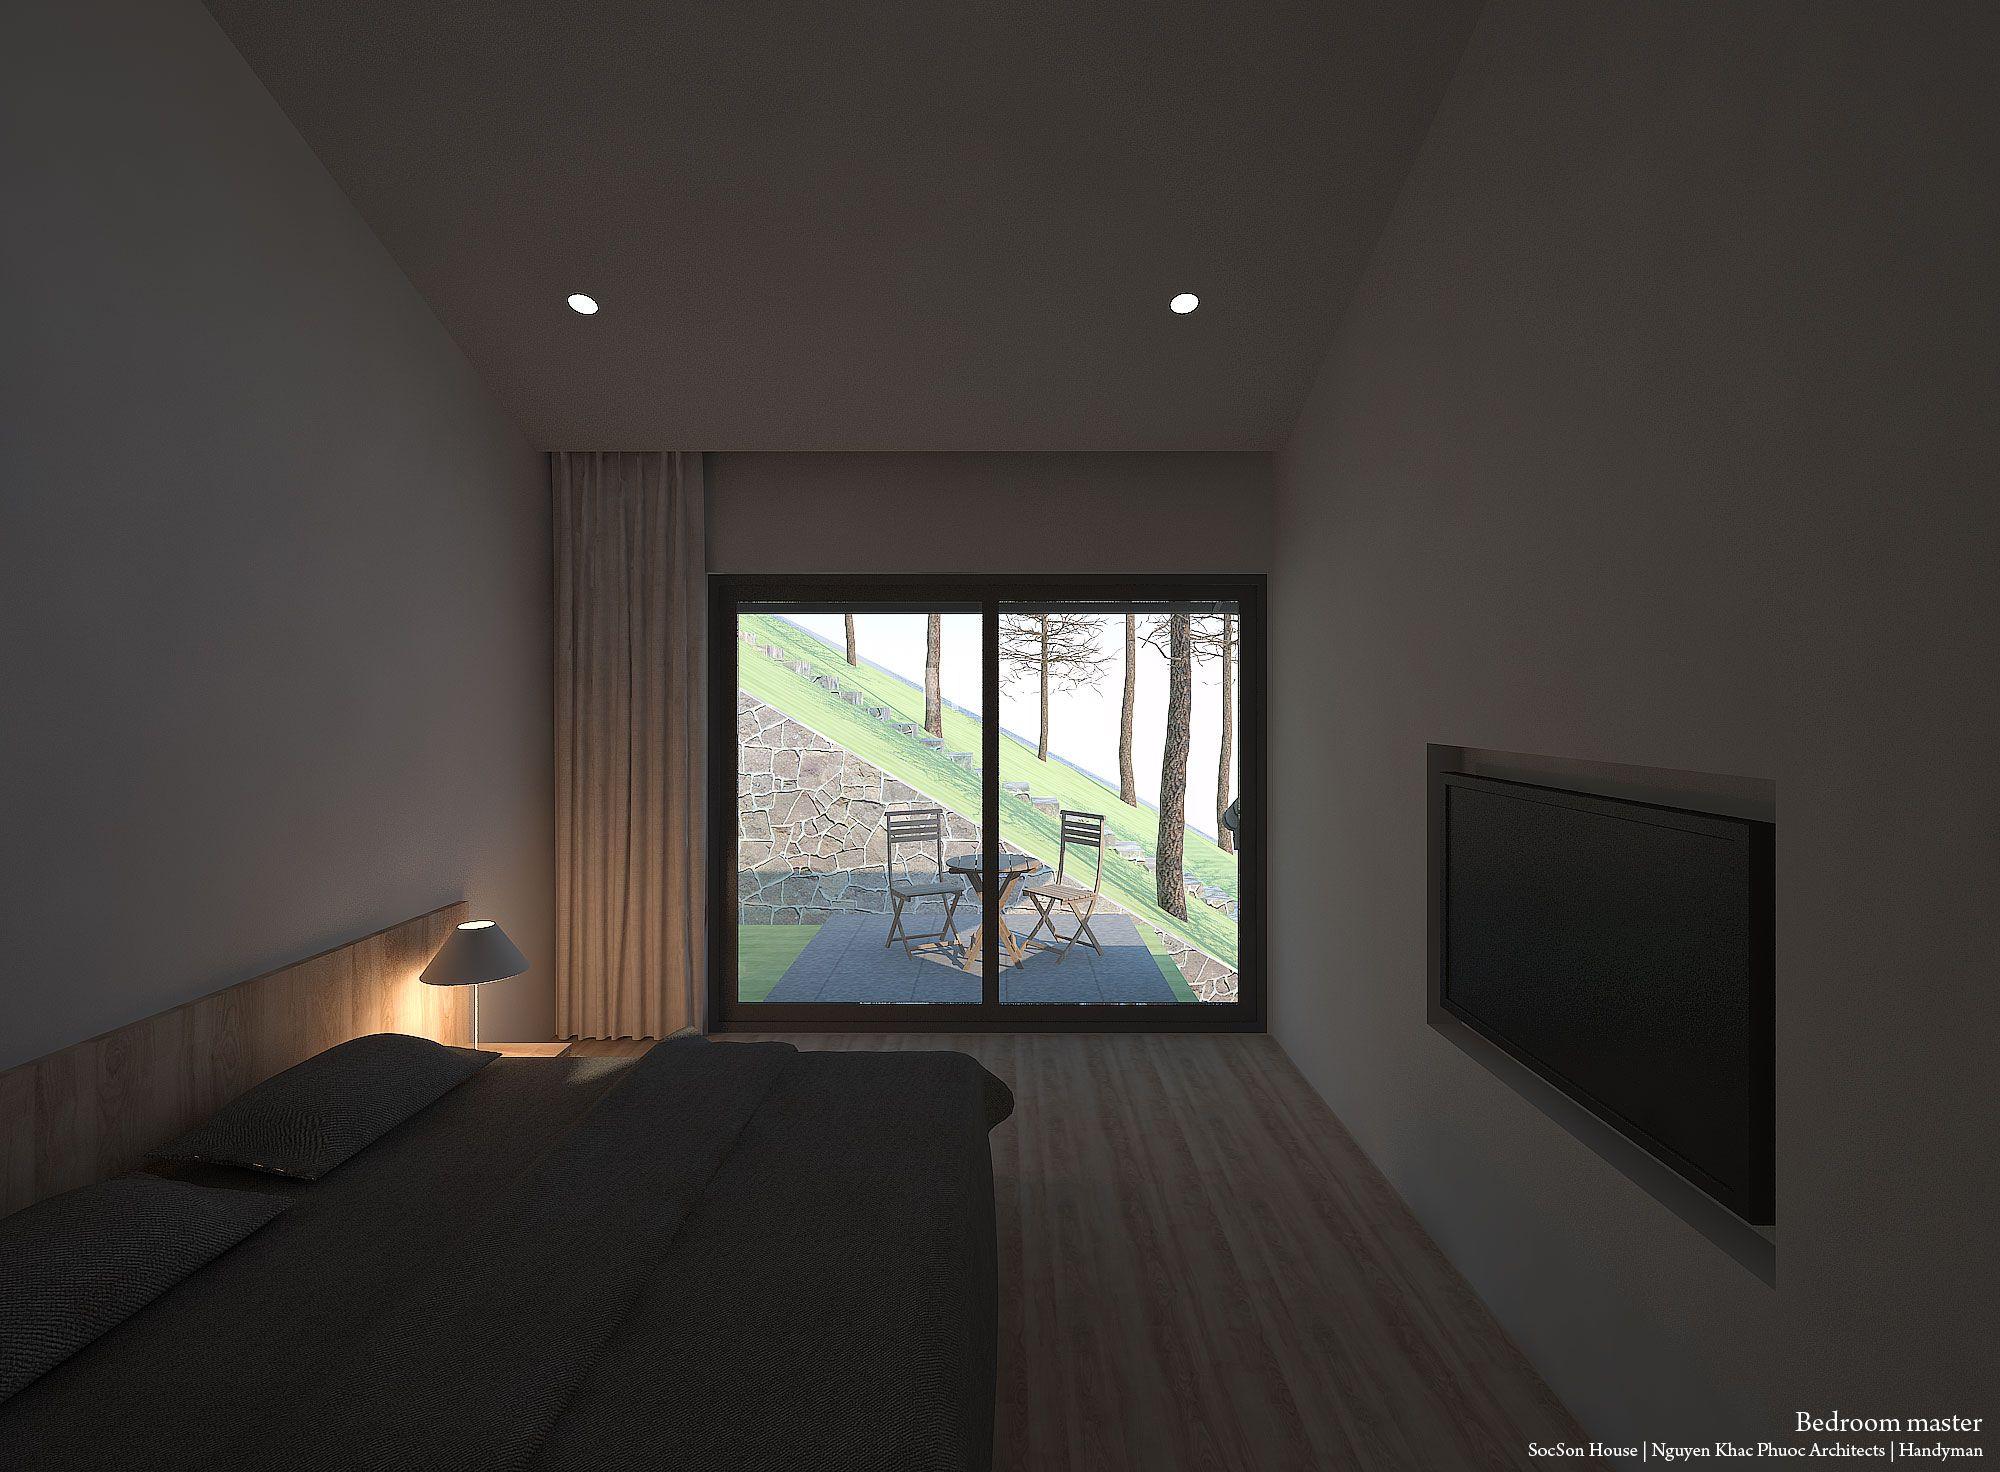 Thiết kế biệt thự đẹp mái chồng mái nằm lưng chừng núi ở Sóc Sơn - Nhà Đẹp Số (17)